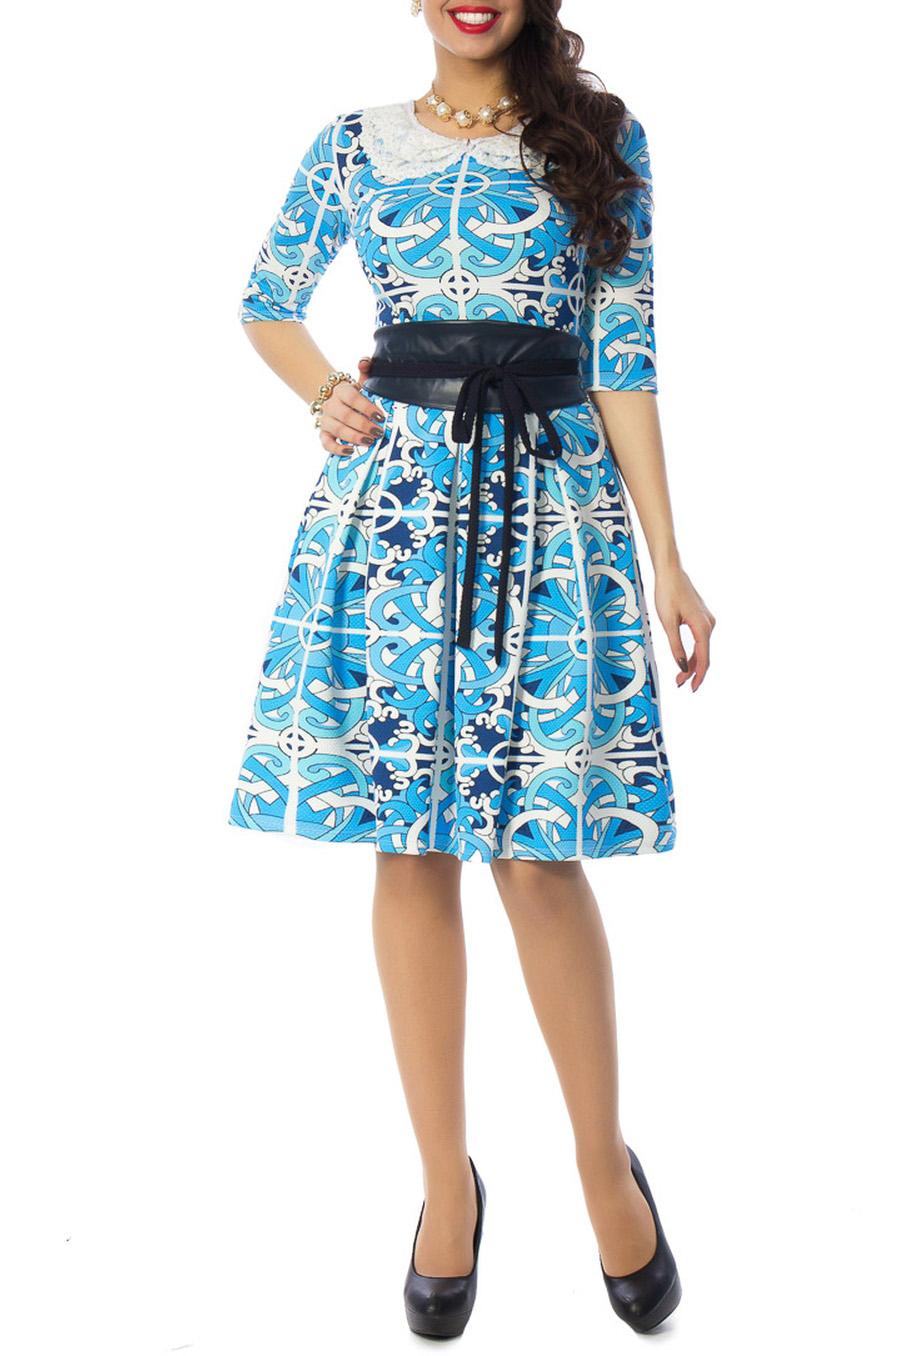 ПлатьеПлатья<br>Эффектное платье с отложным воротничком. Модель выполнена из приятного материала. Отличный выбор для любого случая.  Аксессуары и пояс в комплект не входят.  Цвет: голубой, белый, синий  Ростовка изделия 170 см.<br><br>Воротник: Отложной<br>Горловина: С- горловина<br>По длине: До колена<br>По материалу: Трикотаж<br>По рисунку: С принтом,Цветные<br>По силуэту: Приталенные<br>По стилю: Повседневный стиль<br>По форме: Платье - трапеция<br>Рукав: До локтя<br>По сезону: Осень,Весна,Зима<br>По элементам: С декором<br>Размер : 54,56<br>Материал: Трикотаж<br>Количество в наличии: 2